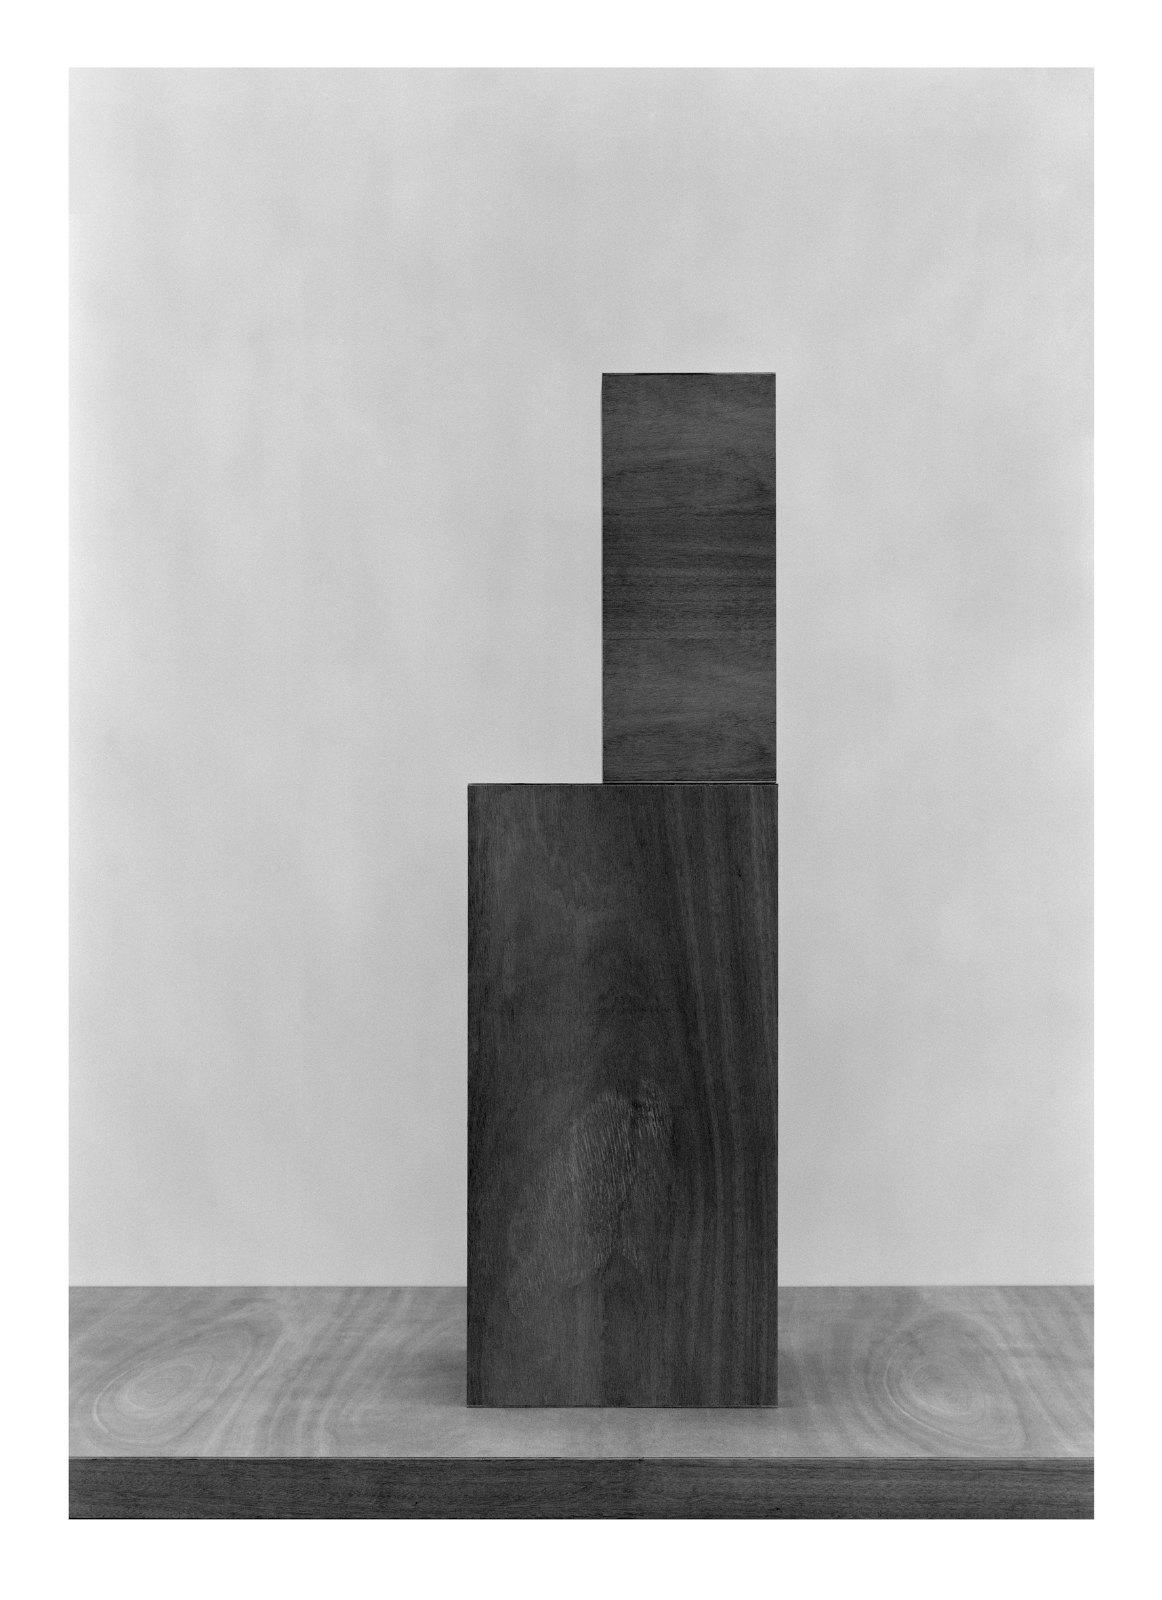 Sett M. II - mars 09, 2009, lambda print, 59 x 46 cm